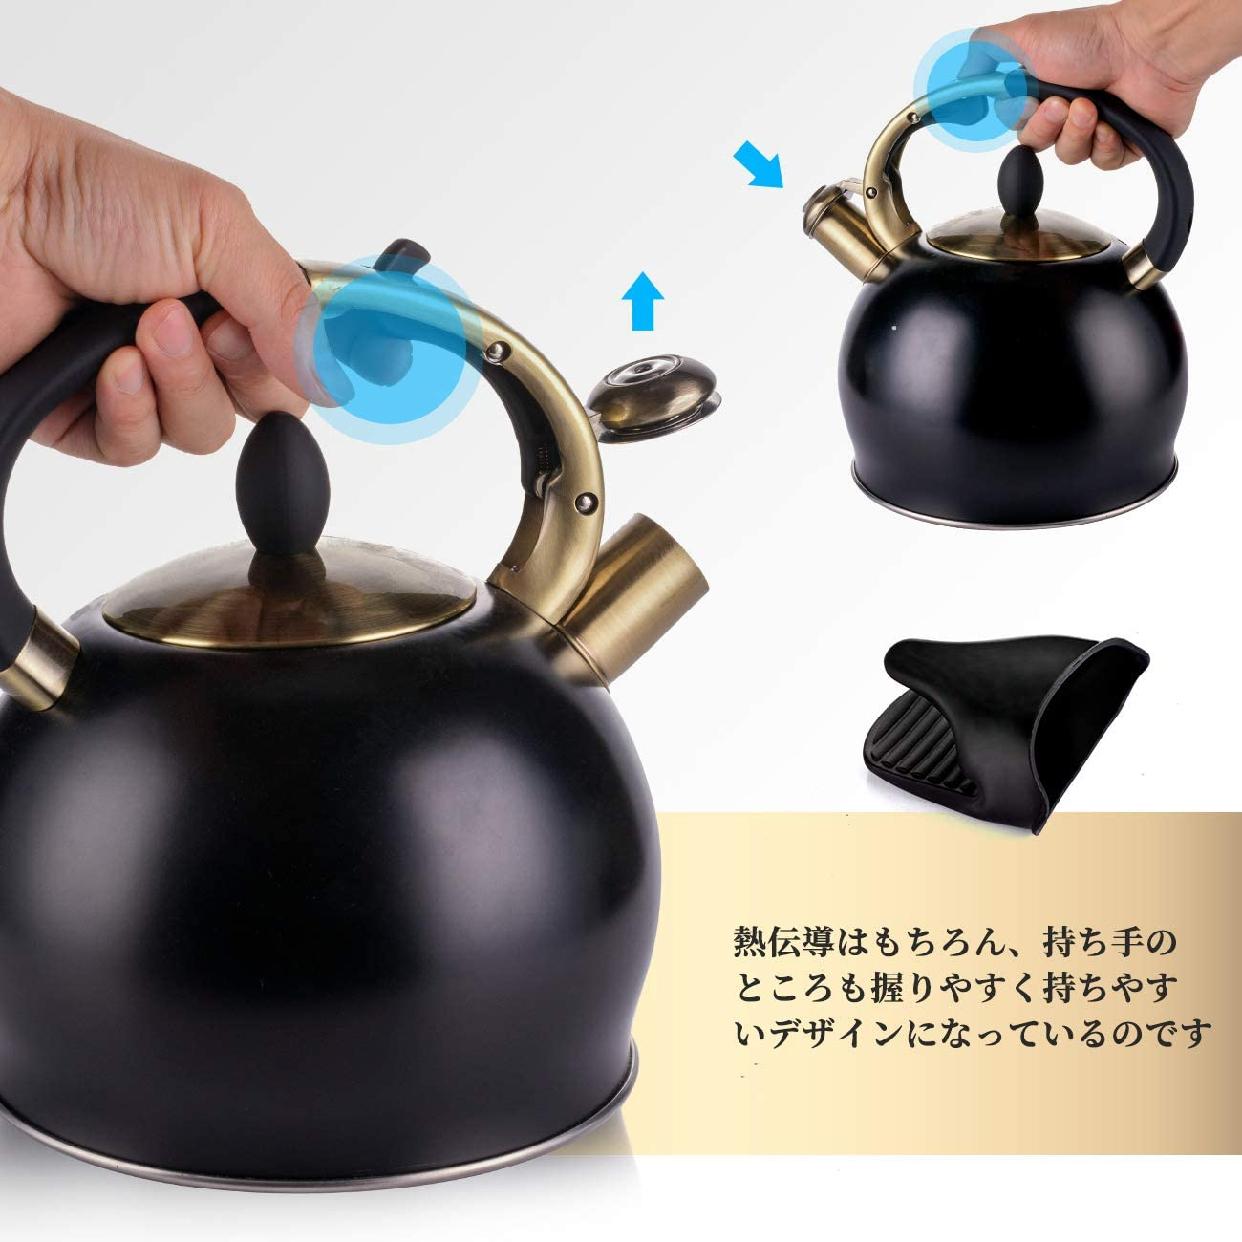 SUSTEAS(サスティーズ) 笛吹きケトル 2.5Lの商品画像5